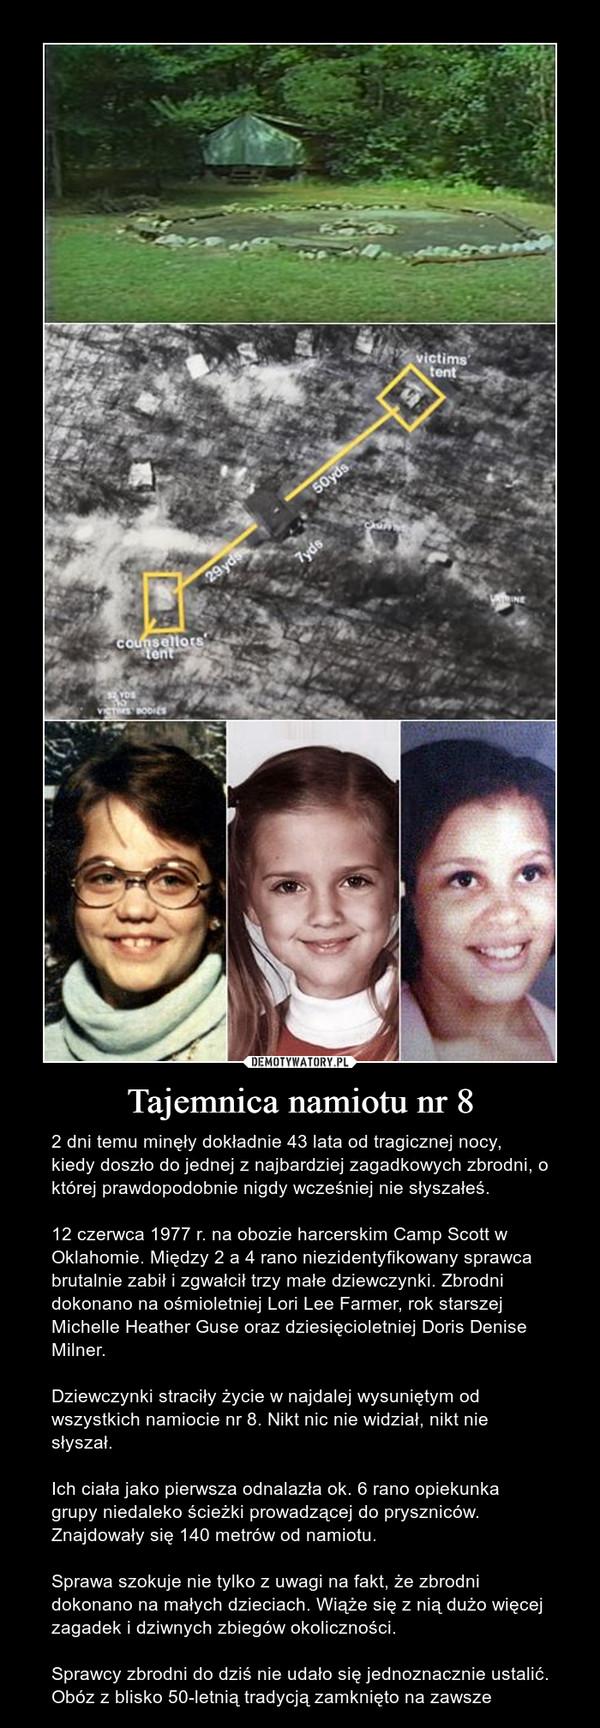 Tajemnica namiotu nr 8 – 2 dni temu minęły dokładnie 43 lata od tragicznej nocy, kiedy doszło do jednej z najbardziej zagadkowych zbrodni, o której prawdopodobnie nigdy wcześniej nie słyszałeś. 12 czerwca 1977 r. na obozie harcerskim Camp Scott w Oklahomie. Między 2 a 4 rano niezidentyfikowany sprawca brutalnie zabił i zgwałcił trzy małe dziewczynki. Zbrodni dokonano na ośmioletniej Lori Lee Farmer, rok starszej Michelle Heather Guse oraz dziesięcioletniej Doris Denise Milner. Dziewczynki straciły życie w najdalej wysuniętym od wszystkich namiocie nr 8. Nikt nic nie widział, nikt nie słyszał. Ich ciała jako pierwsza odnalazła ok. 6 rano opiekunka grupy niedaleko ścieżki prowadzącej do pryszniców. Znajdowały się 140 metrów od namiotu. Sprawa szokuje nie tylko z uwagi na fakt, że zbrodni dokonano na małych dzieciach. Wiąże się z nią dużo więcej zagadek i dziwnych zbiegów okoliczności. Sprawcy zbrodni do dziś nie udało się jednoznacznie ustalić. Obóz z blisko 50-letnią tradycją zamknięto na zawsze